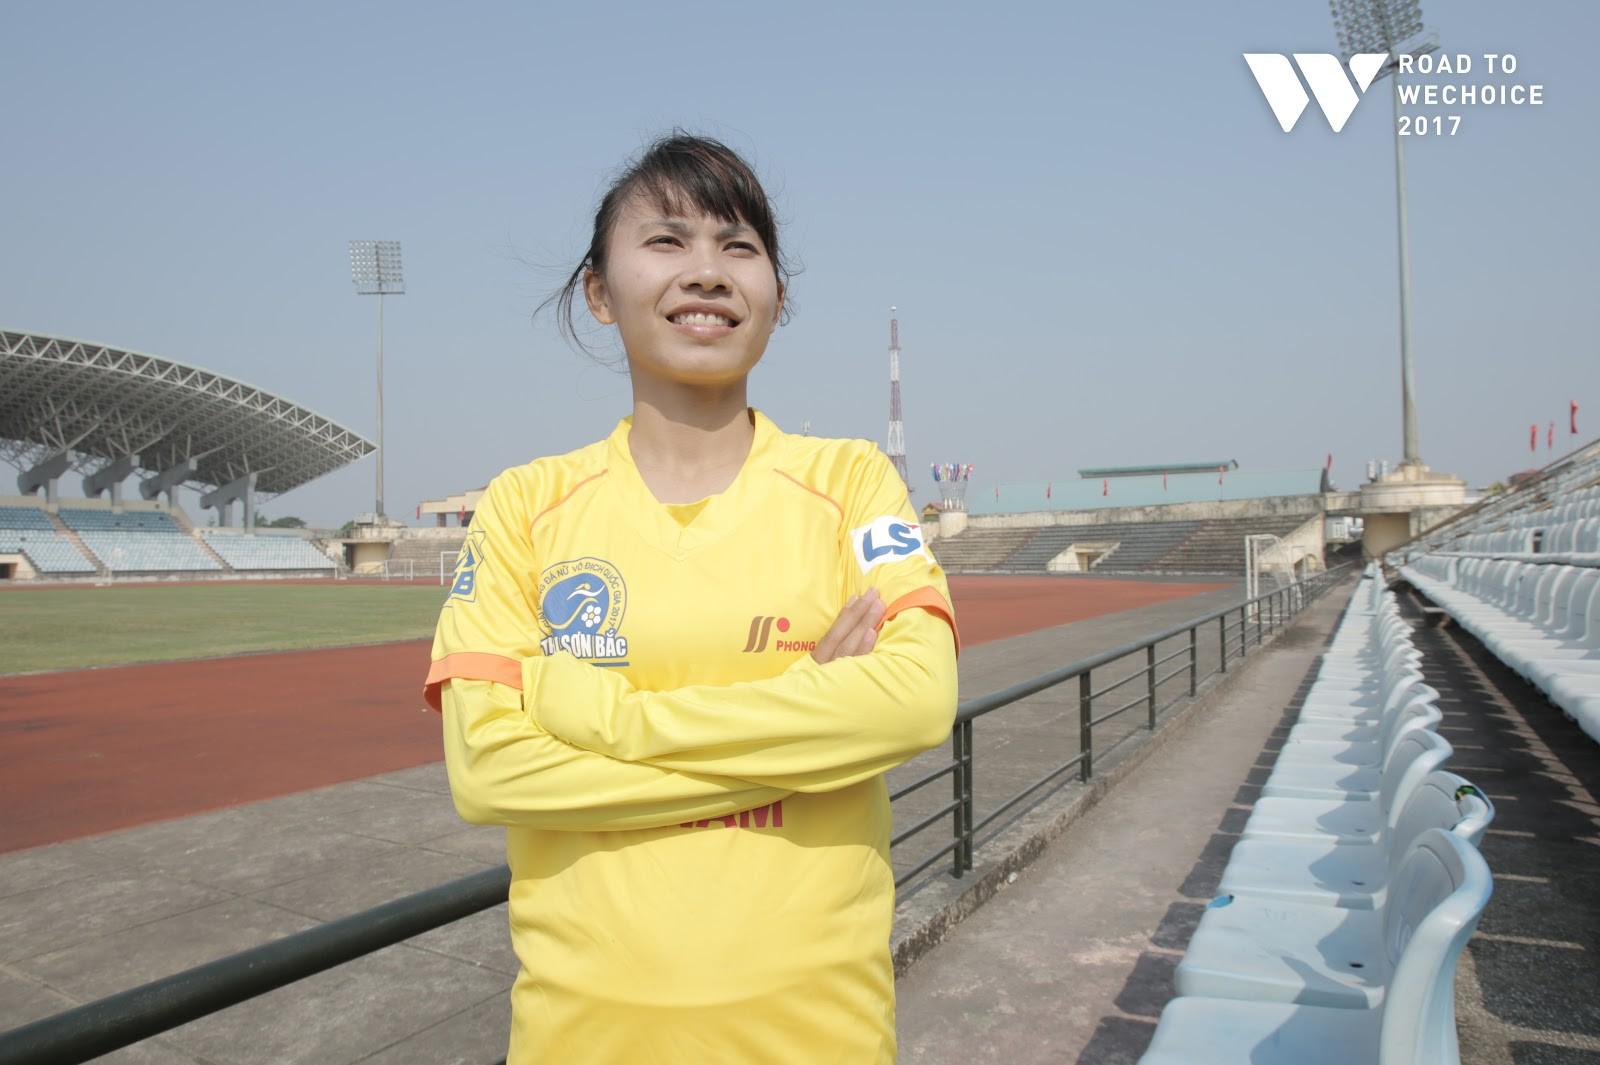 Nguyễn Thị Liễu: Hành trình vượt biến cố, trở thành người hùng cho bóng đá nữ - Ảnh 6.